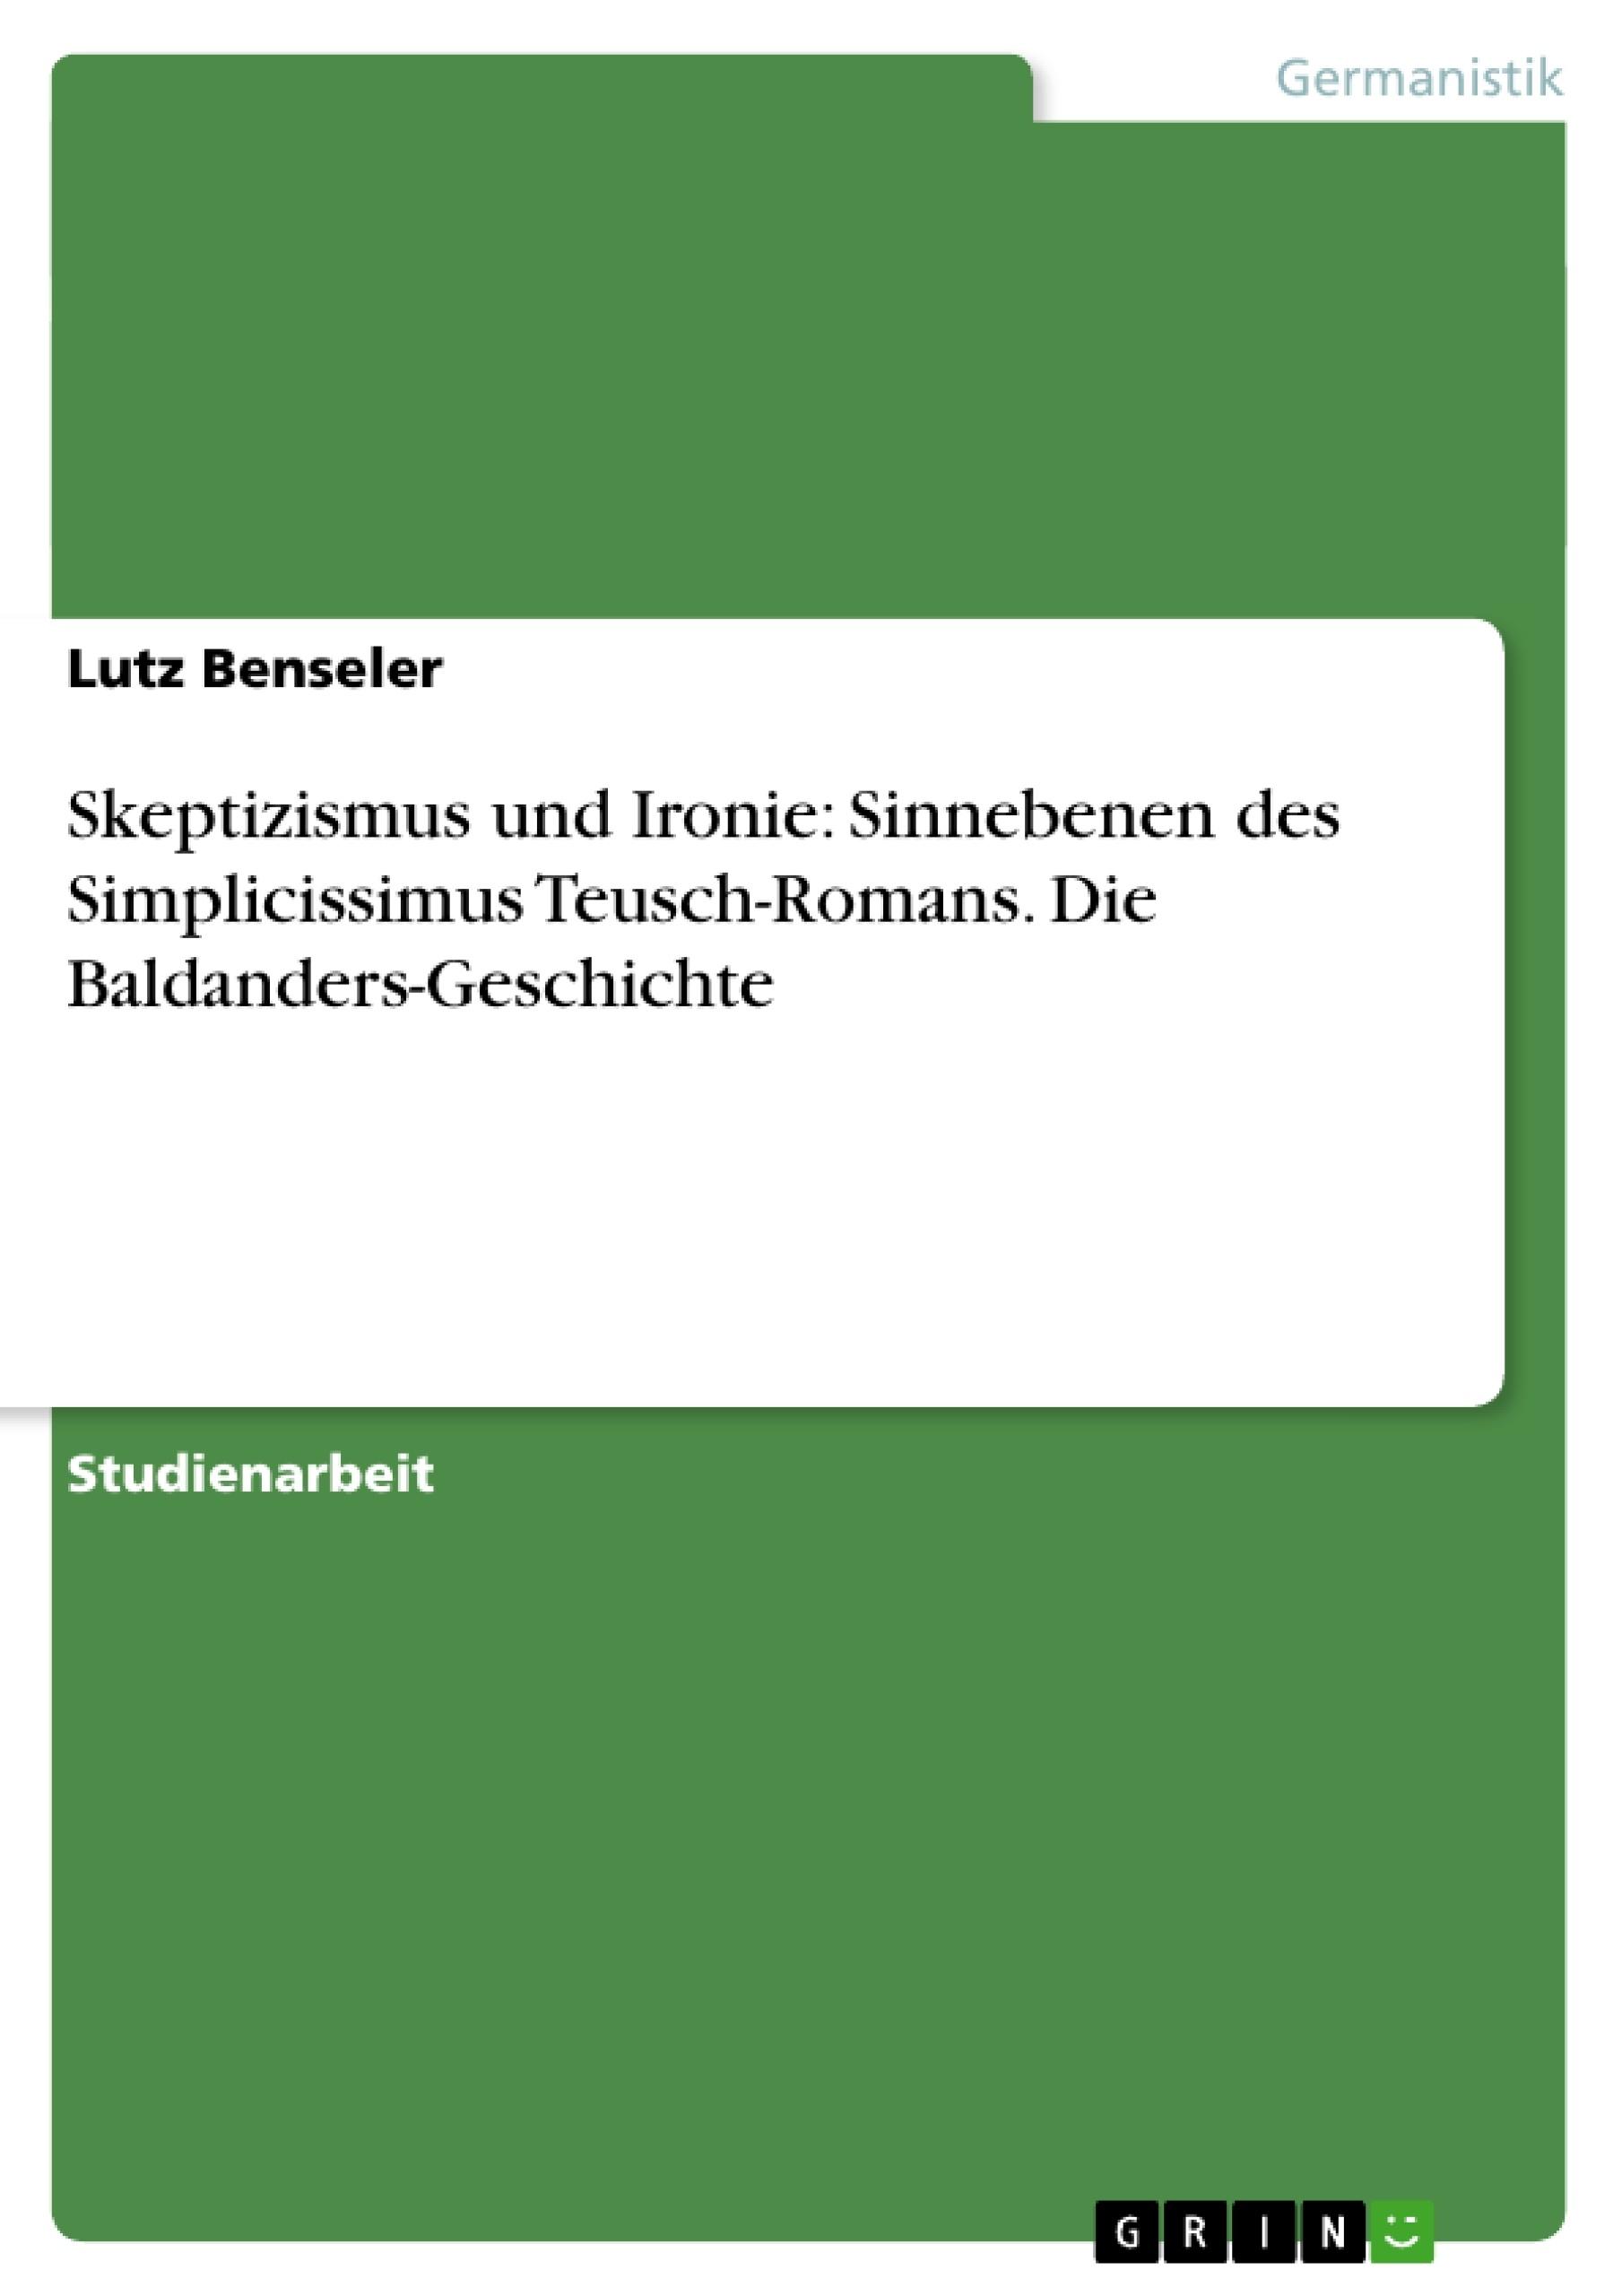 Titel: Skeptizismus und Ironie: Sinnebenen des Simplicissimus Teusch-Romans. Die Baldanders-Geschichte